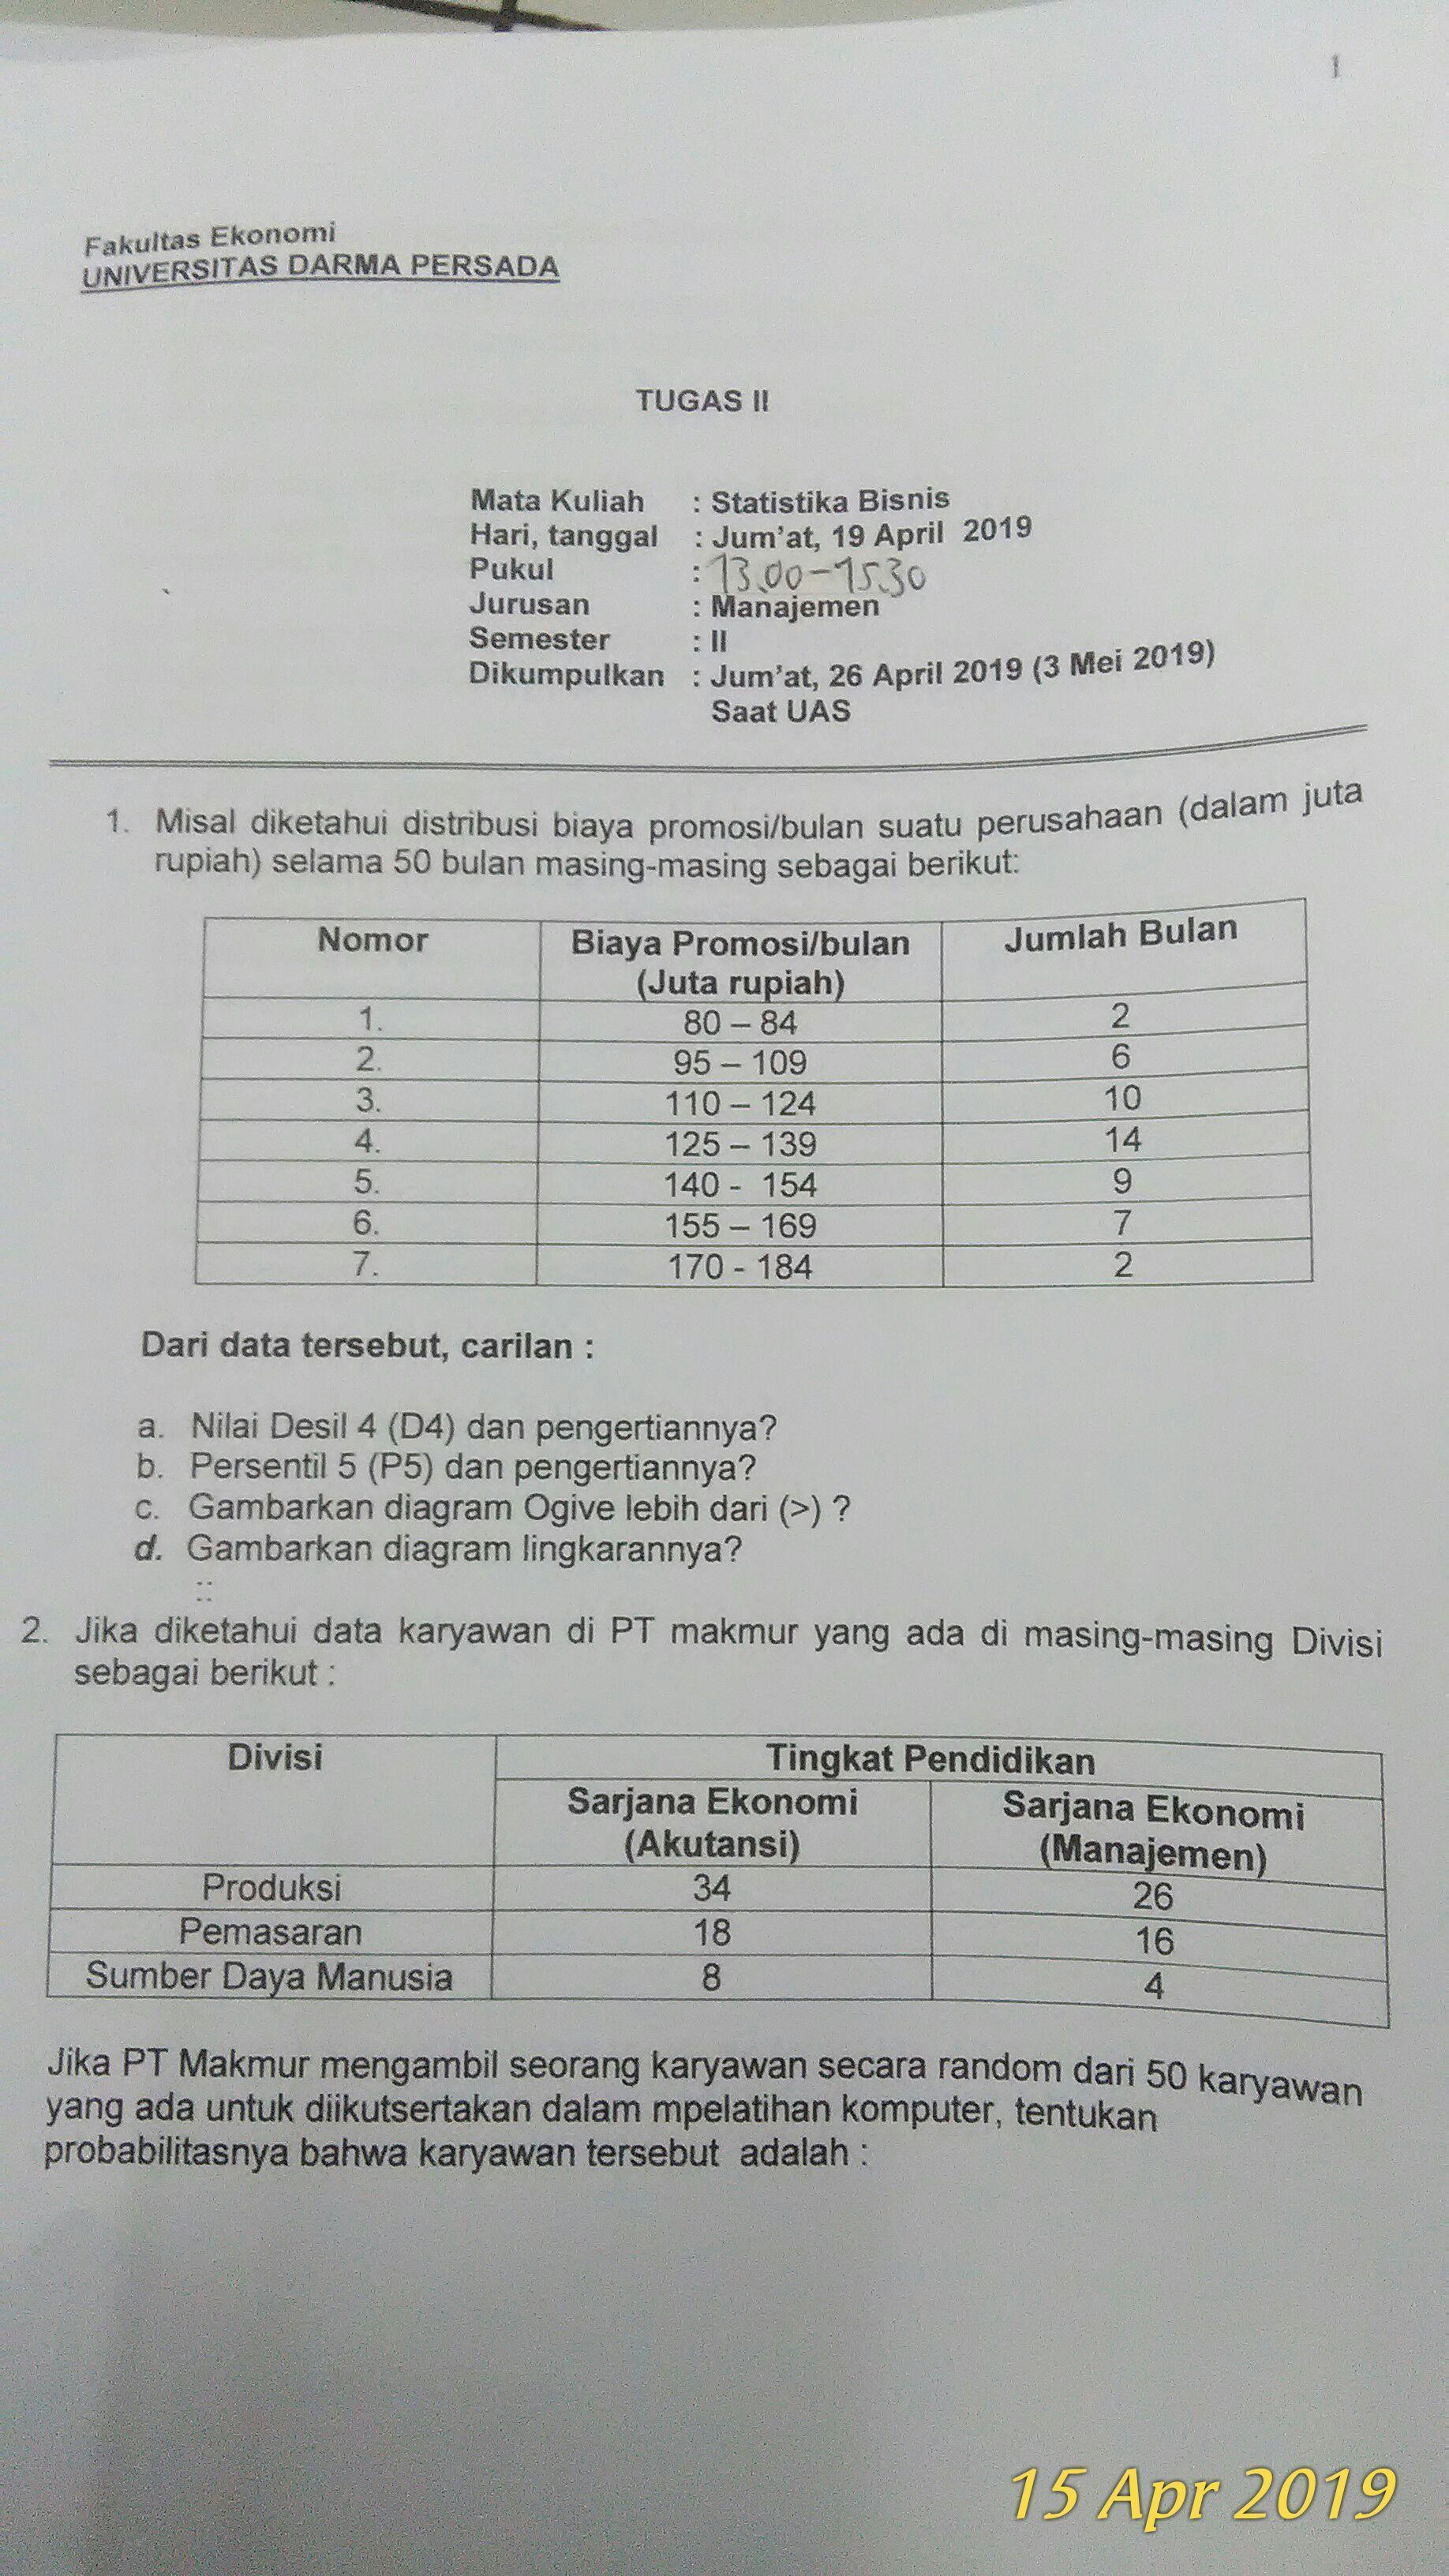 Soal ujian ut statistika semester ii (dua). Tolong Bantu Jawab Ya Untuk Soal No 1 Mata Kuliah Statistika Brainly Co Id